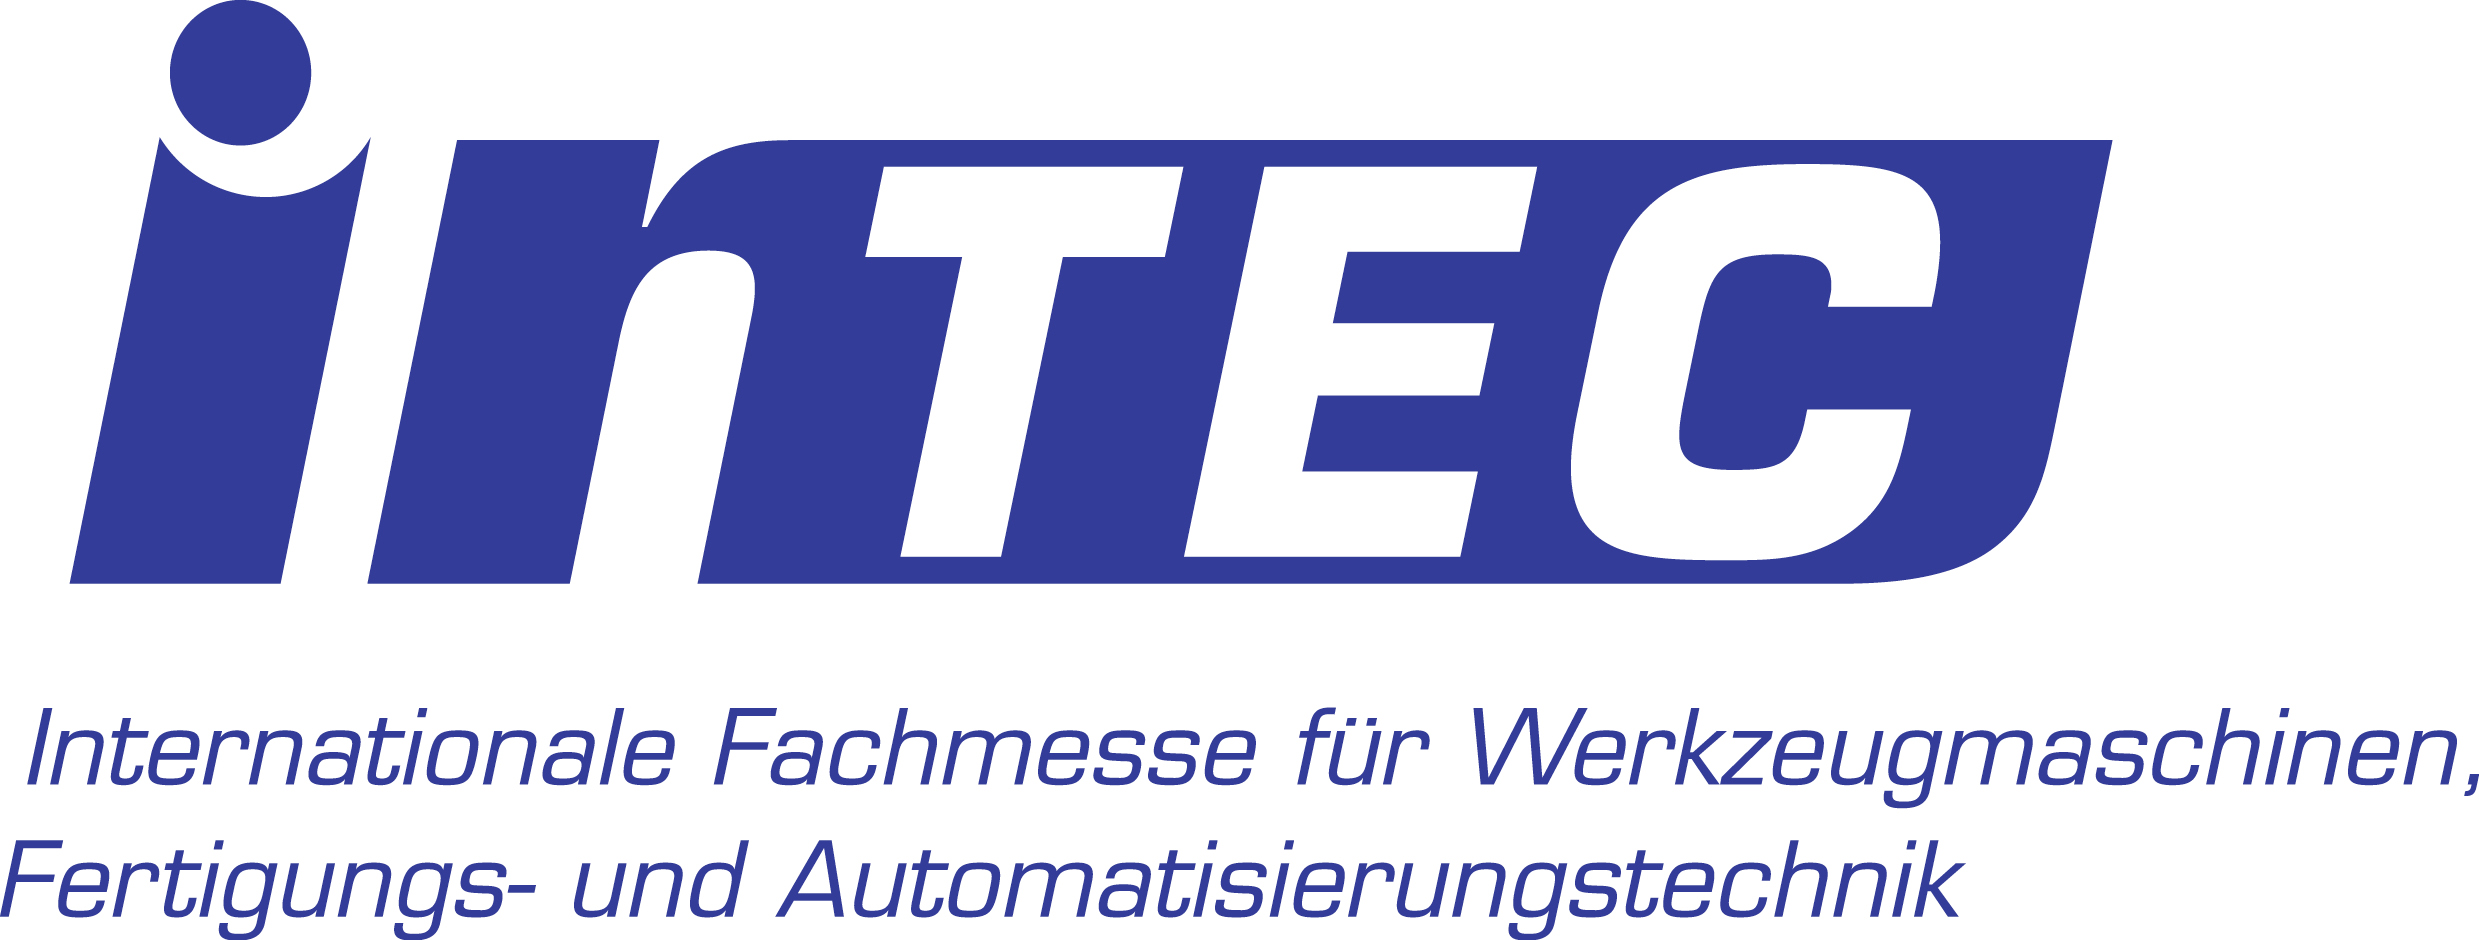 Últimos desarrollos SORALUCE en INTEC 2015, del 24 al 27 de Febrero en Leipzig